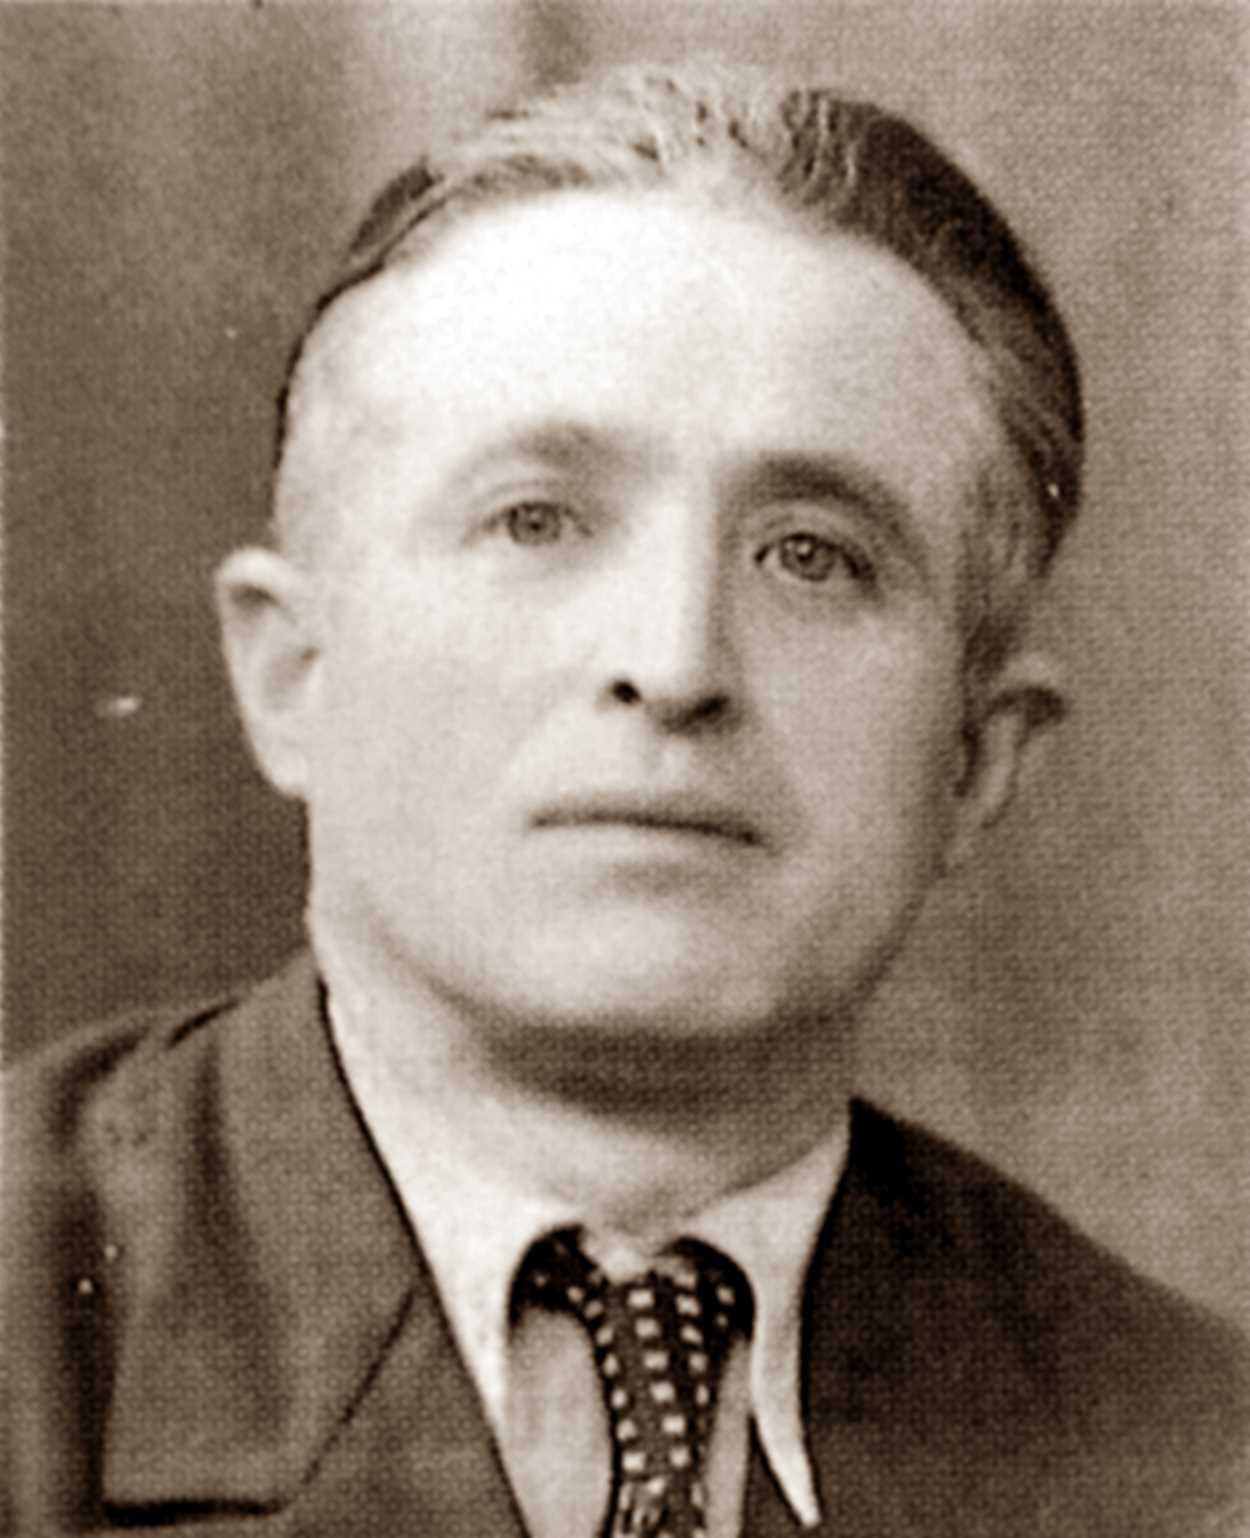 Bernat Pou Riera